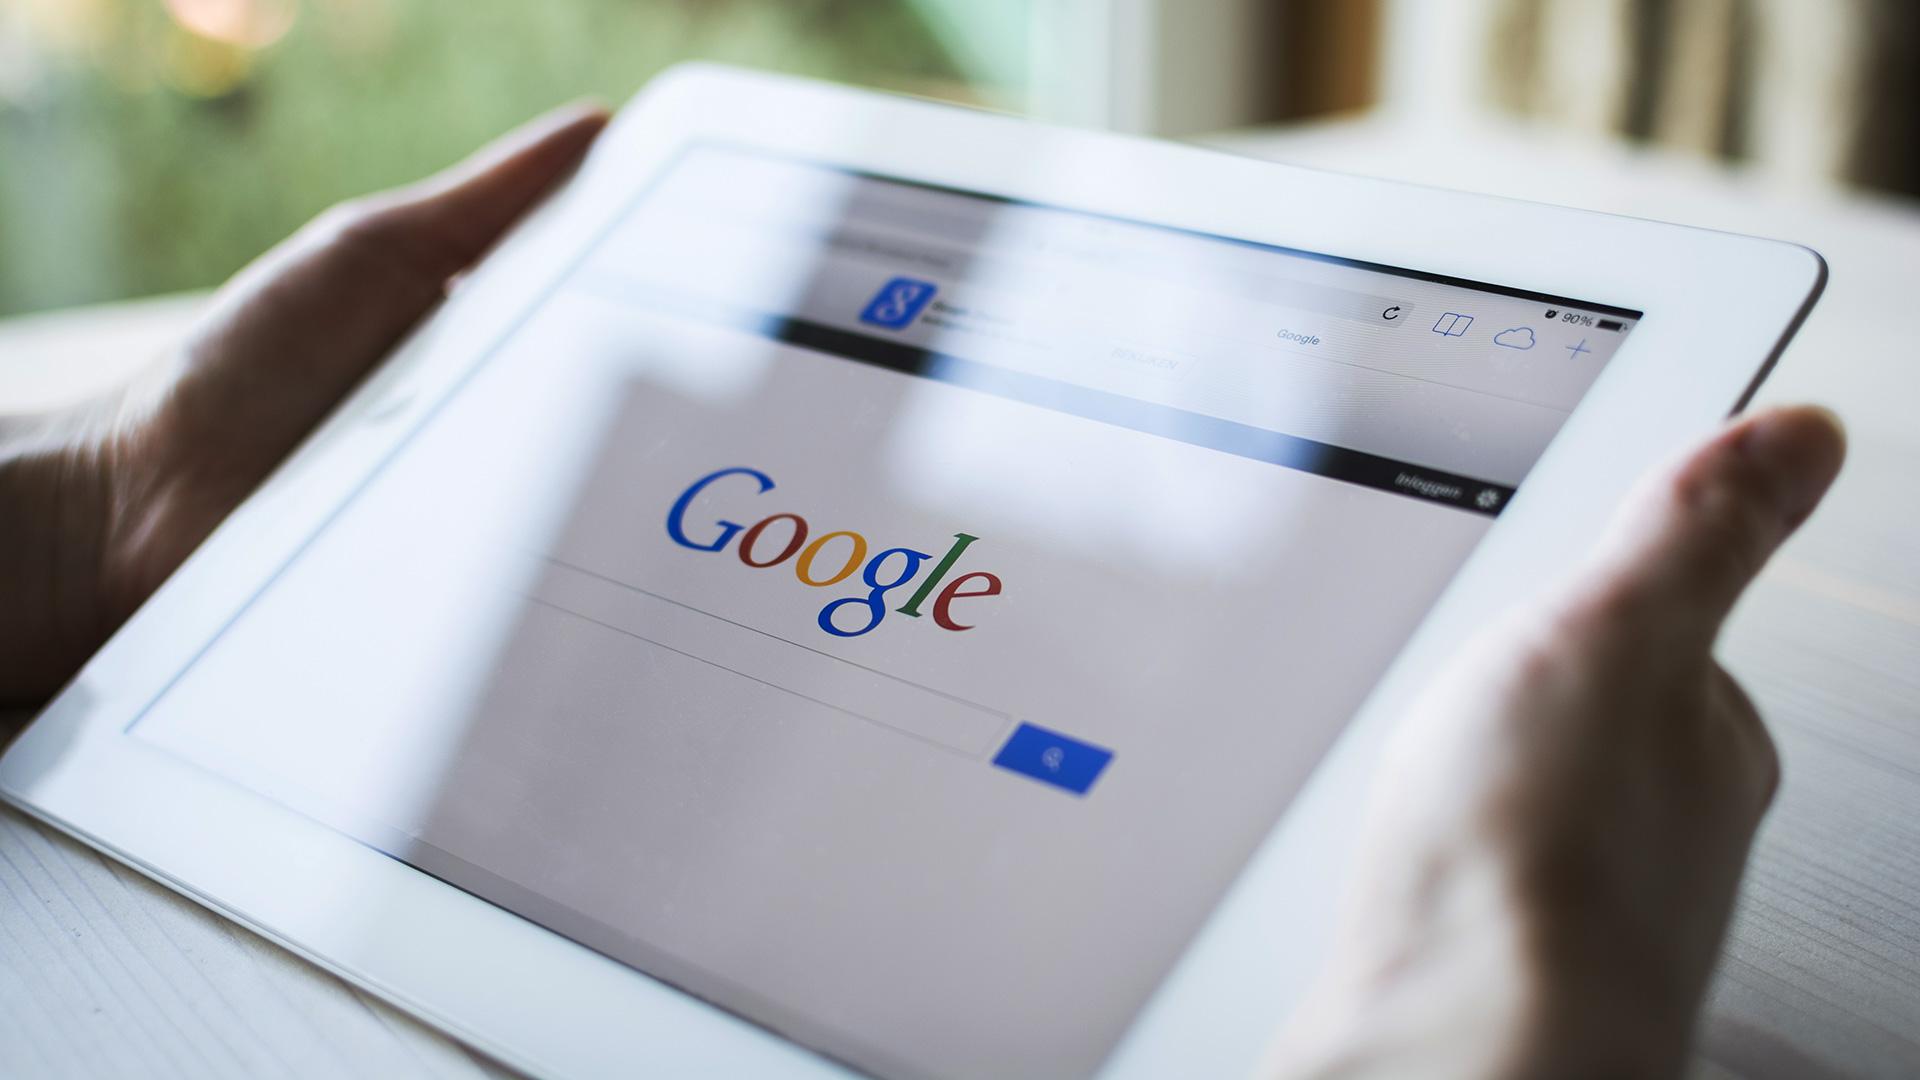 google uu tien di dong 1 - Người Việt tìm gì trên Google trong năm 2016?